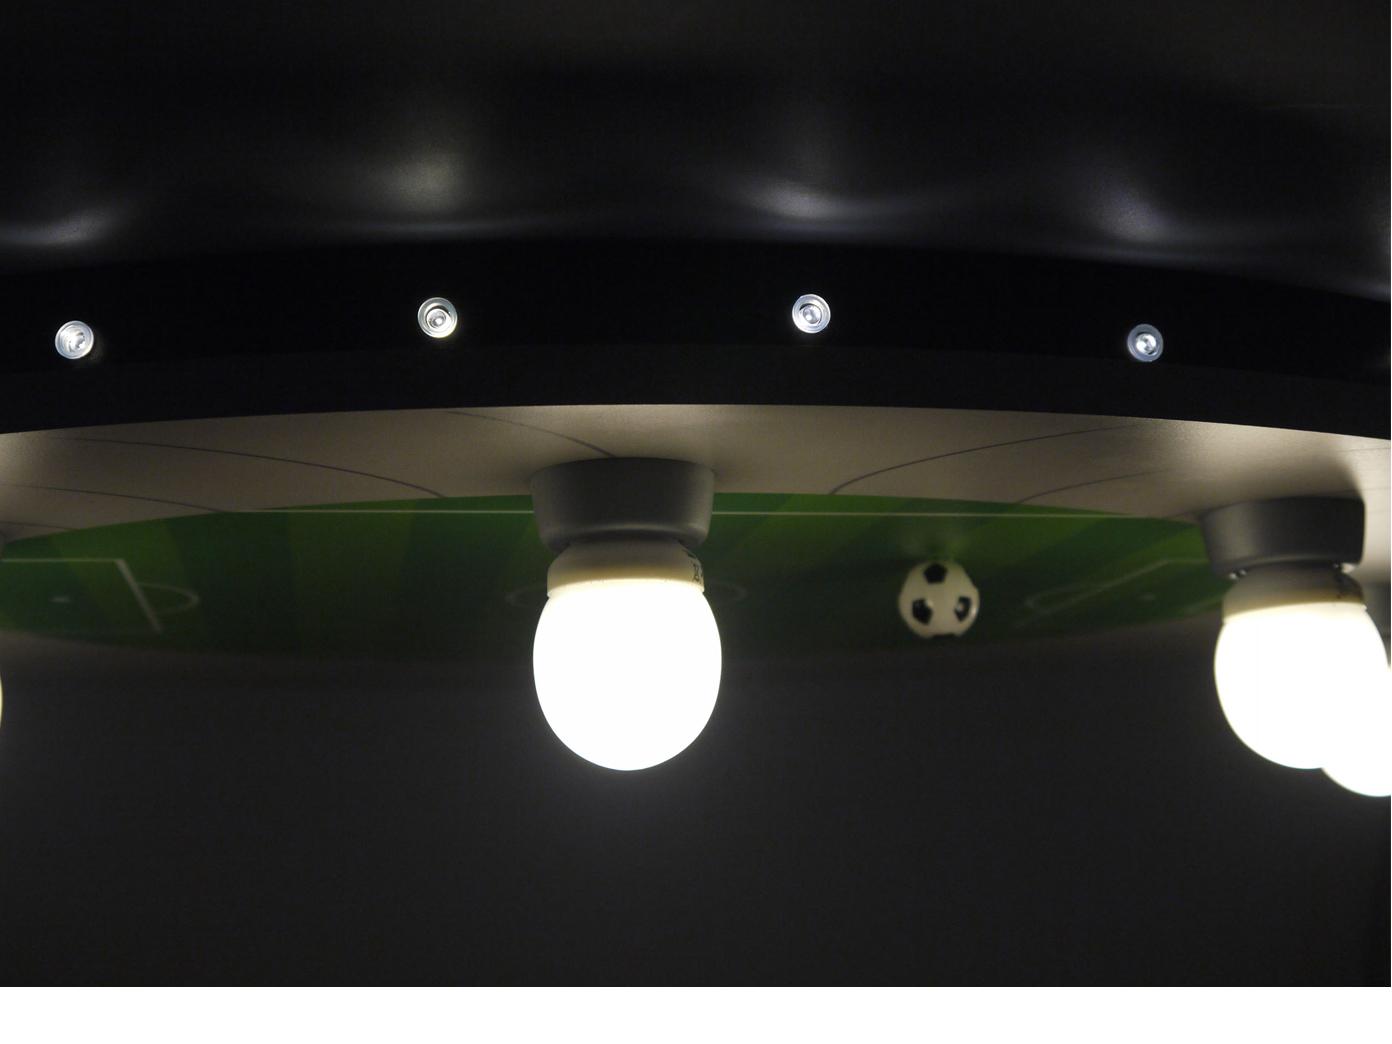 Deckenlampe Mit Zugschalter ~ Led deckenleuchte kinderzimmer zugschalter led schlummerlicht